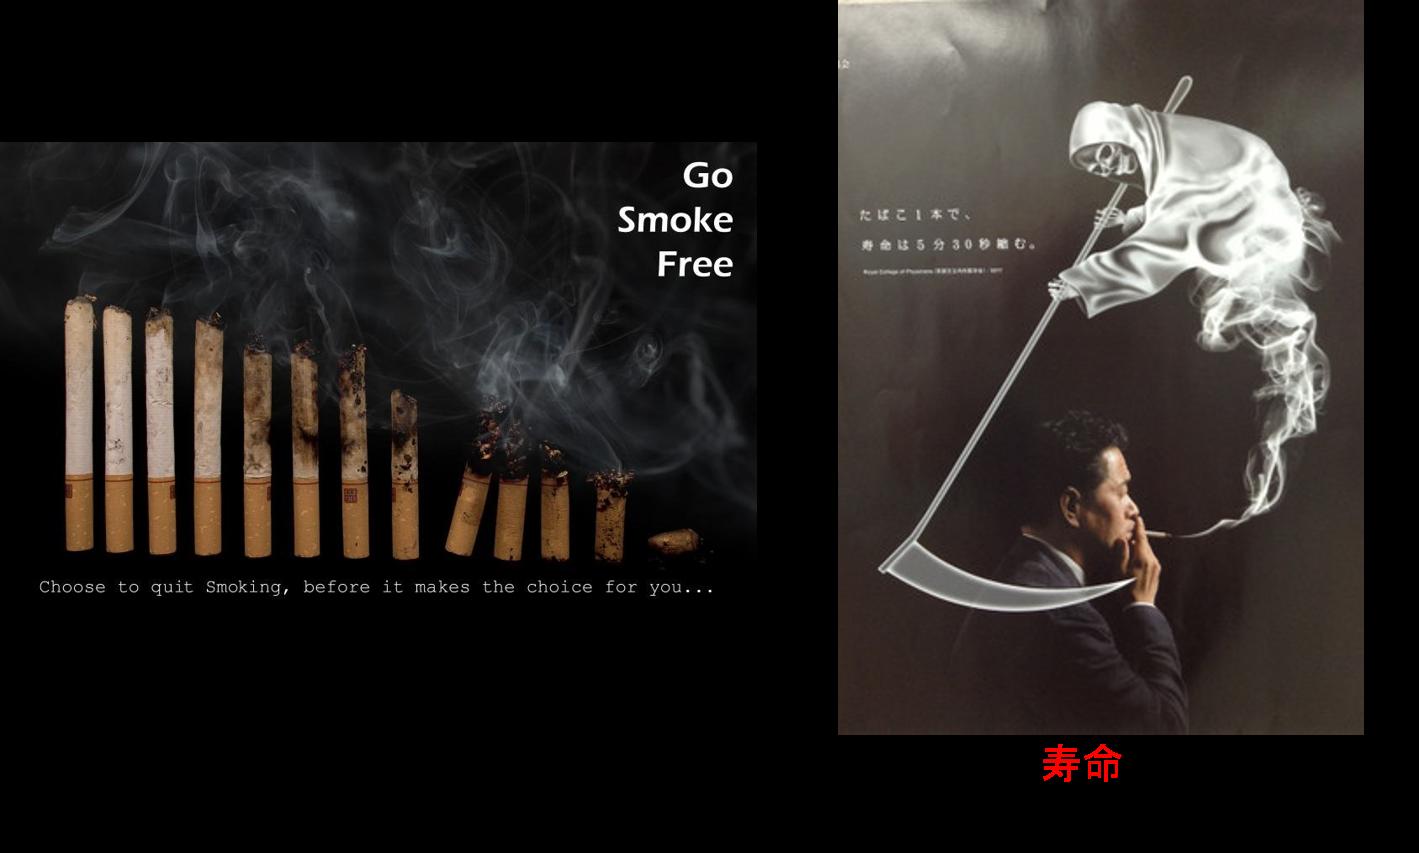 吸う 腹痛 タバコ と